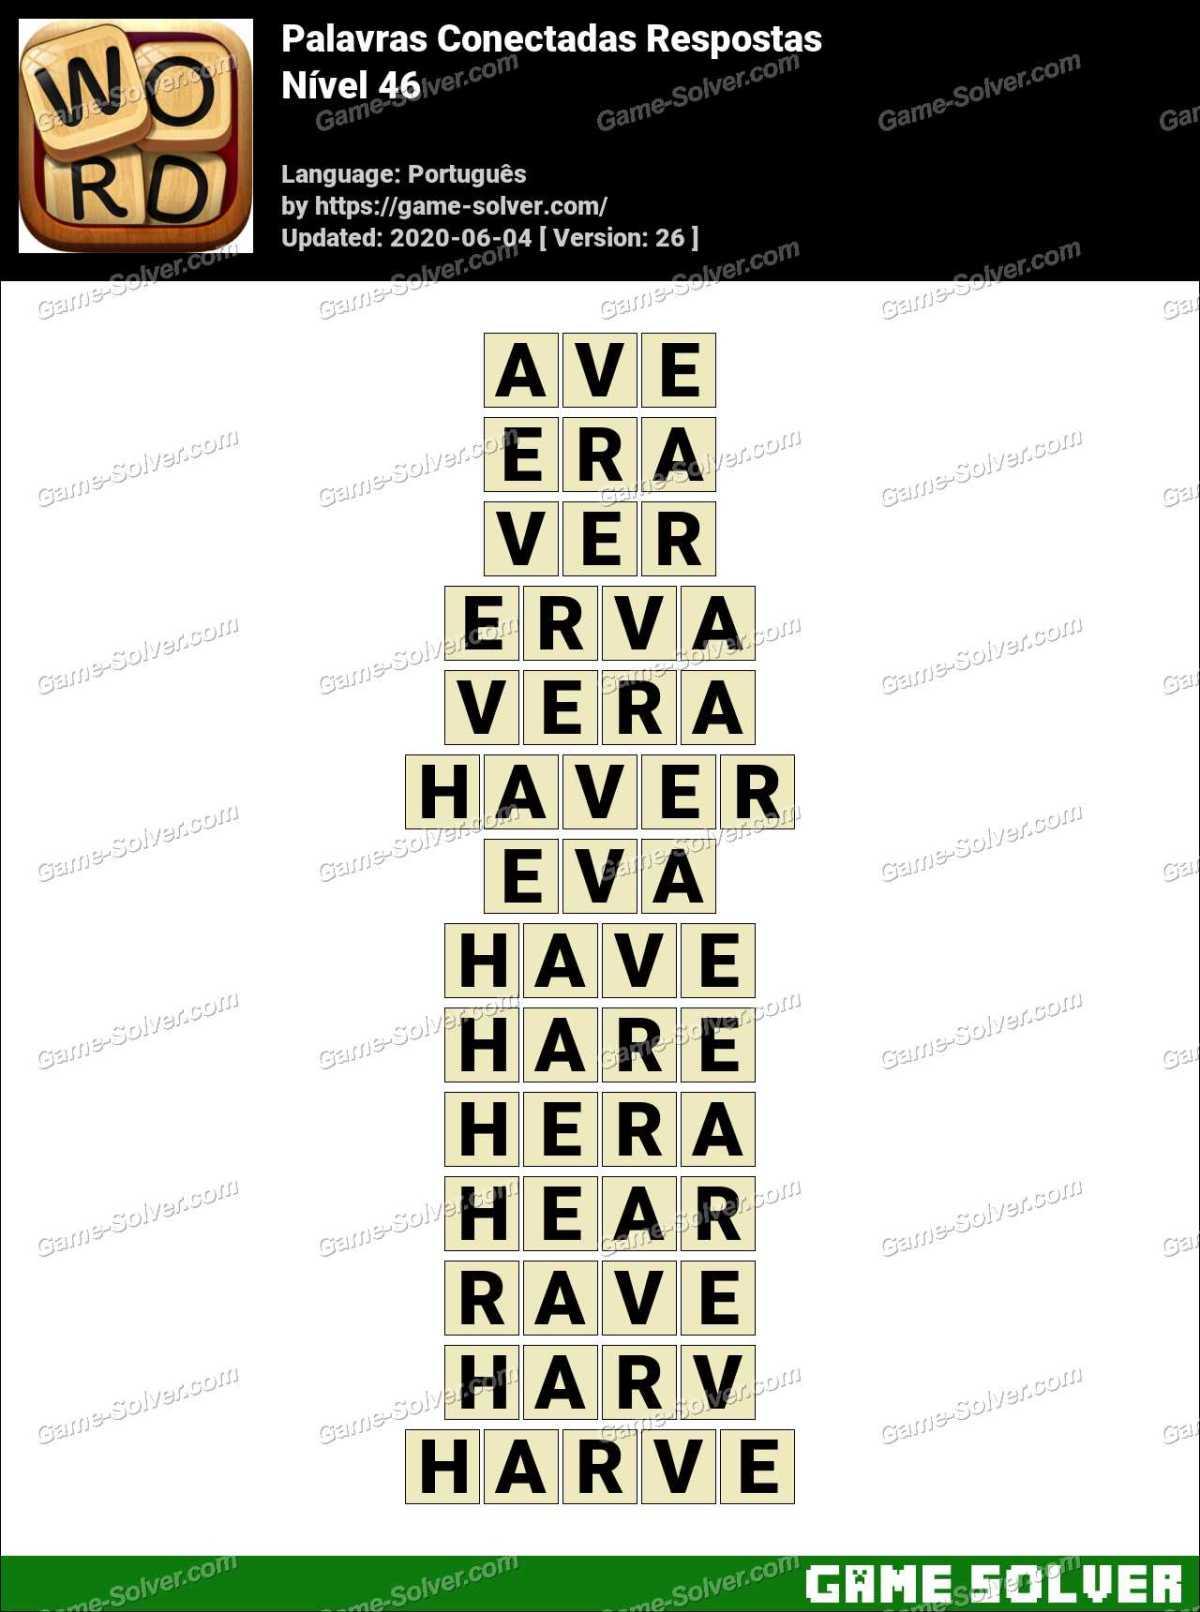 Palavras Conectadas Nivel 46 Respostas